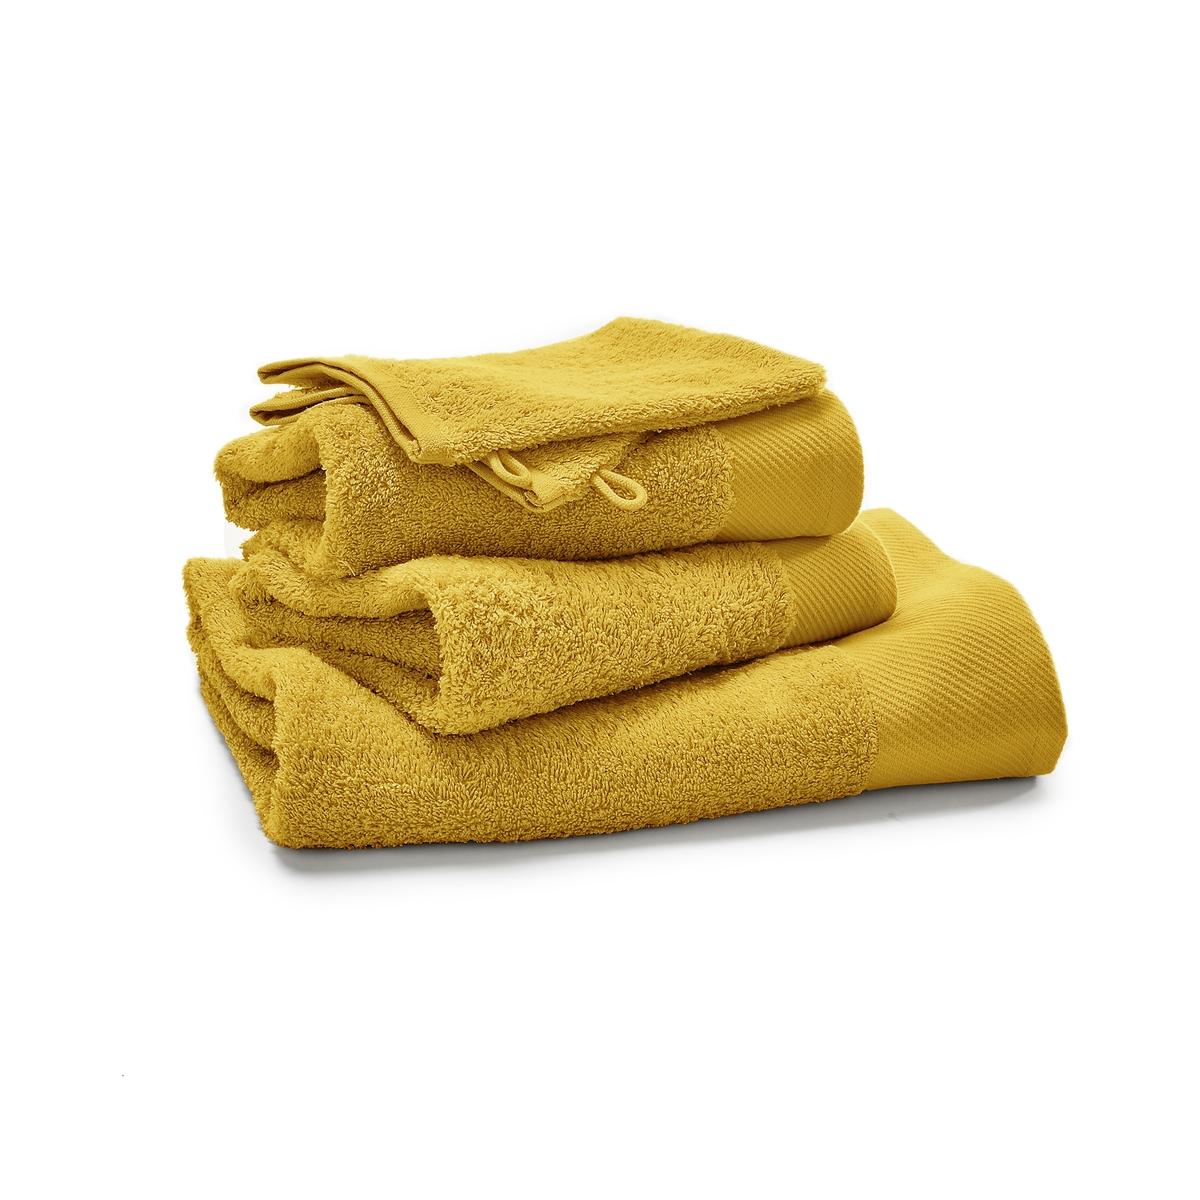 5 однотонных LaRedoute Банных принадлежностей из махровой ткани 500 гм Scenario единый размер желтый 5 однотонных laredoute банных принадлежностей из махровой ткани 500 гм scenario единый размер синий